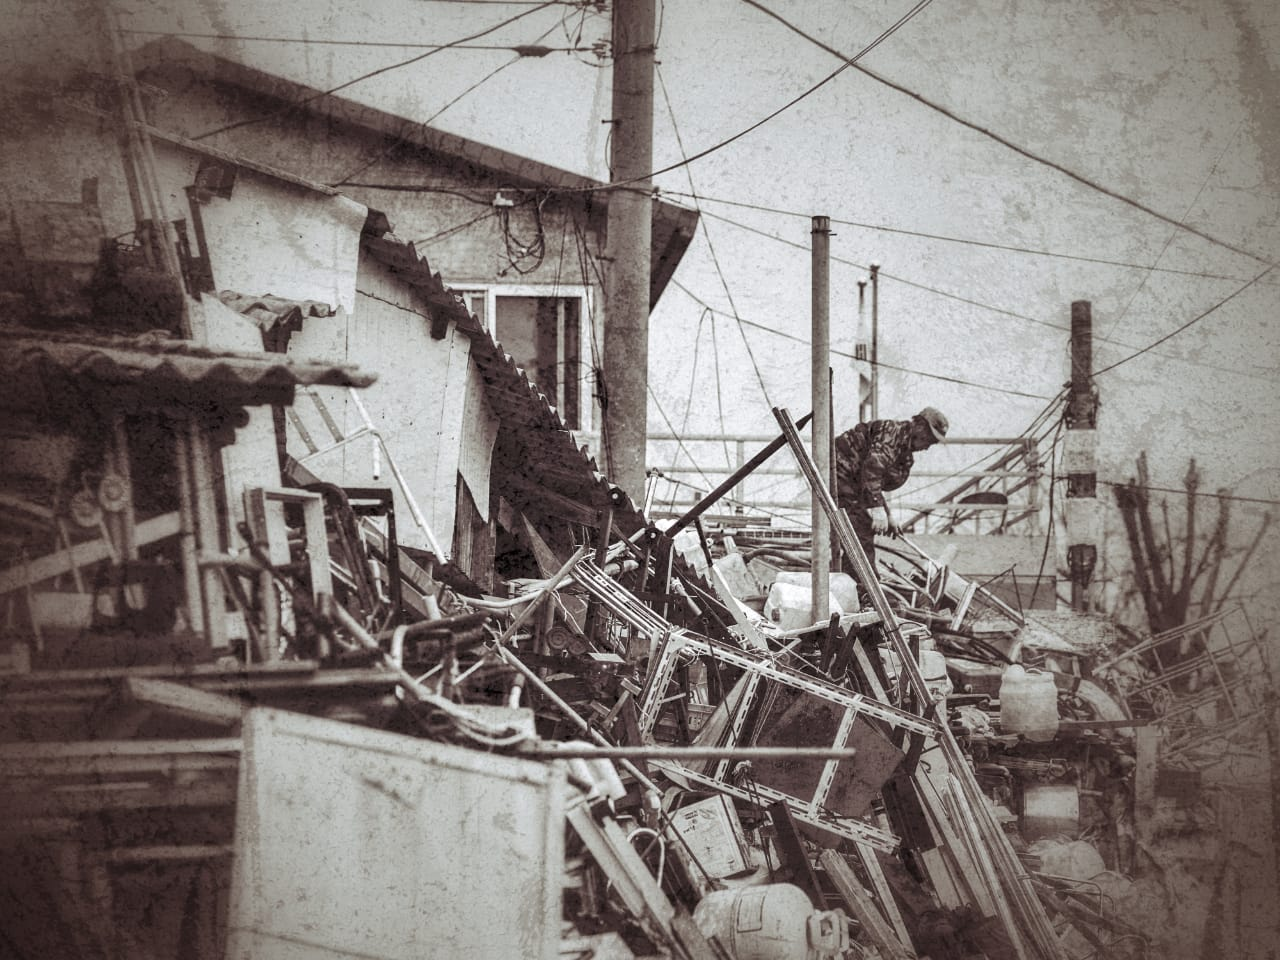 https: img-o.okeinfo.net content 2019 05 21 337 2058518 2-500-bencana-diprediksi-landa-indonesia-di-2019-ini-strategi-pemerintah-xmWv3lB6FM.jpg